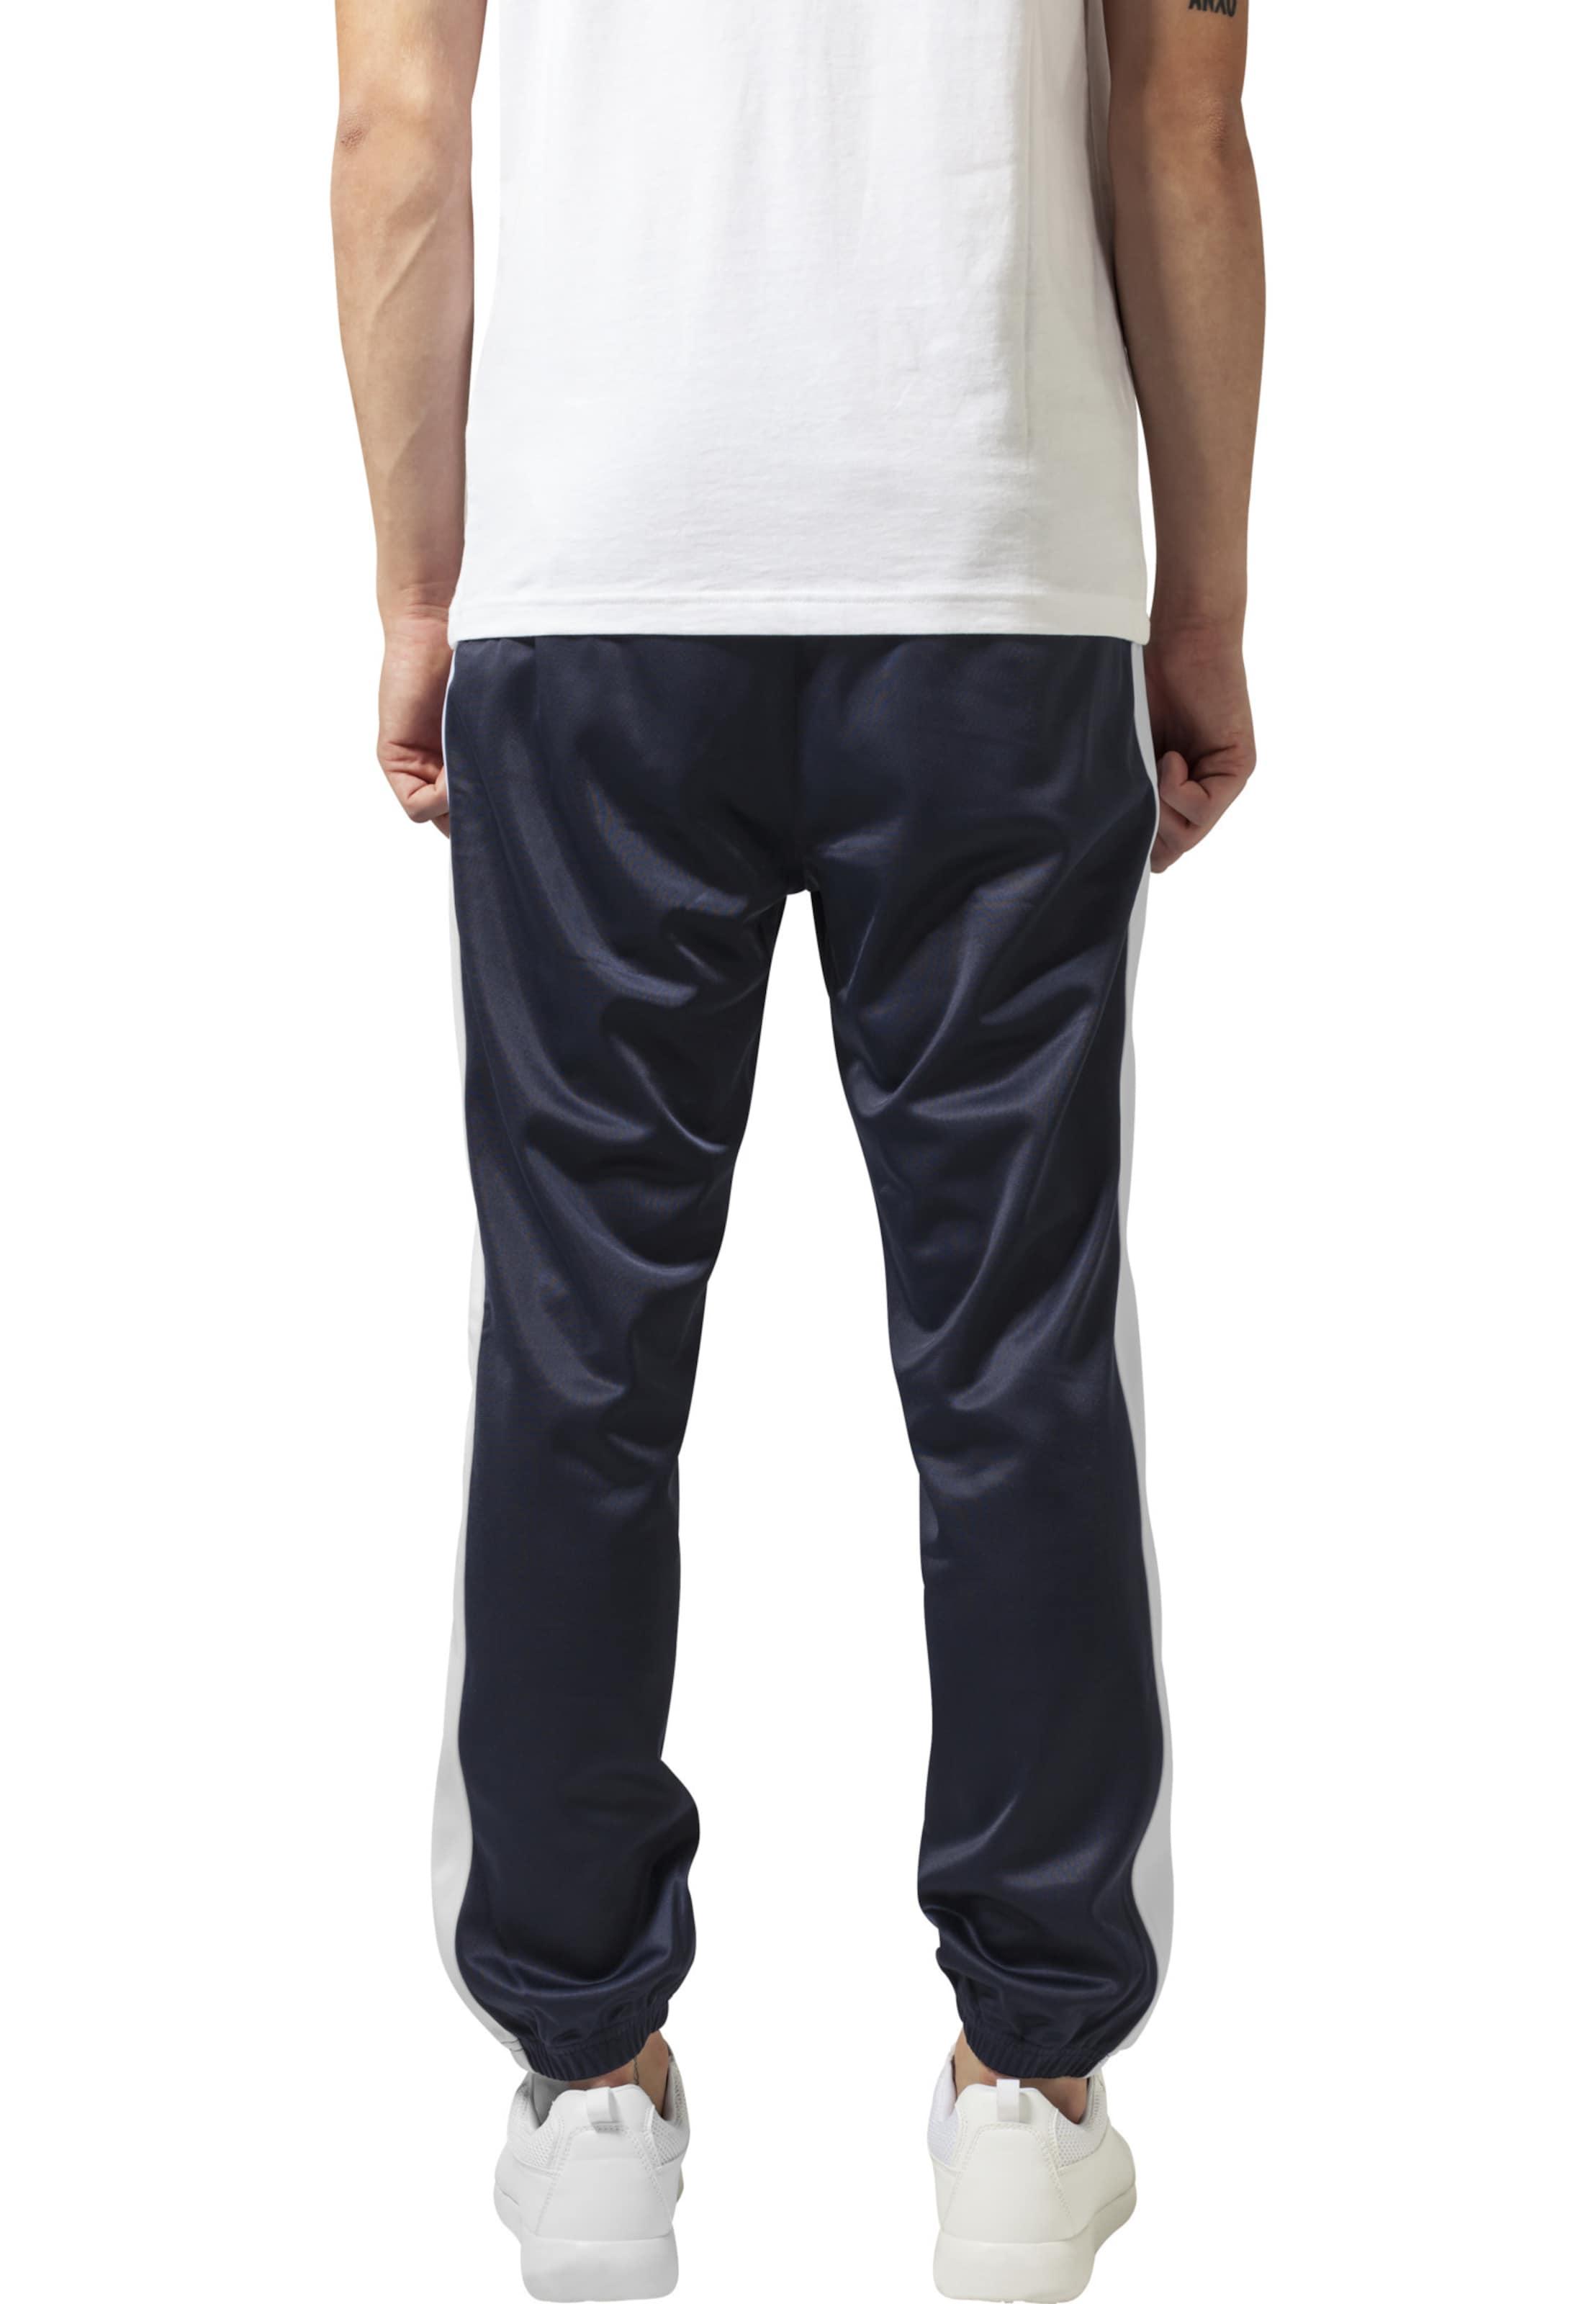 Classics In Urban Classics Pants Pants Urban NavyWeiß In 34ARjq5L